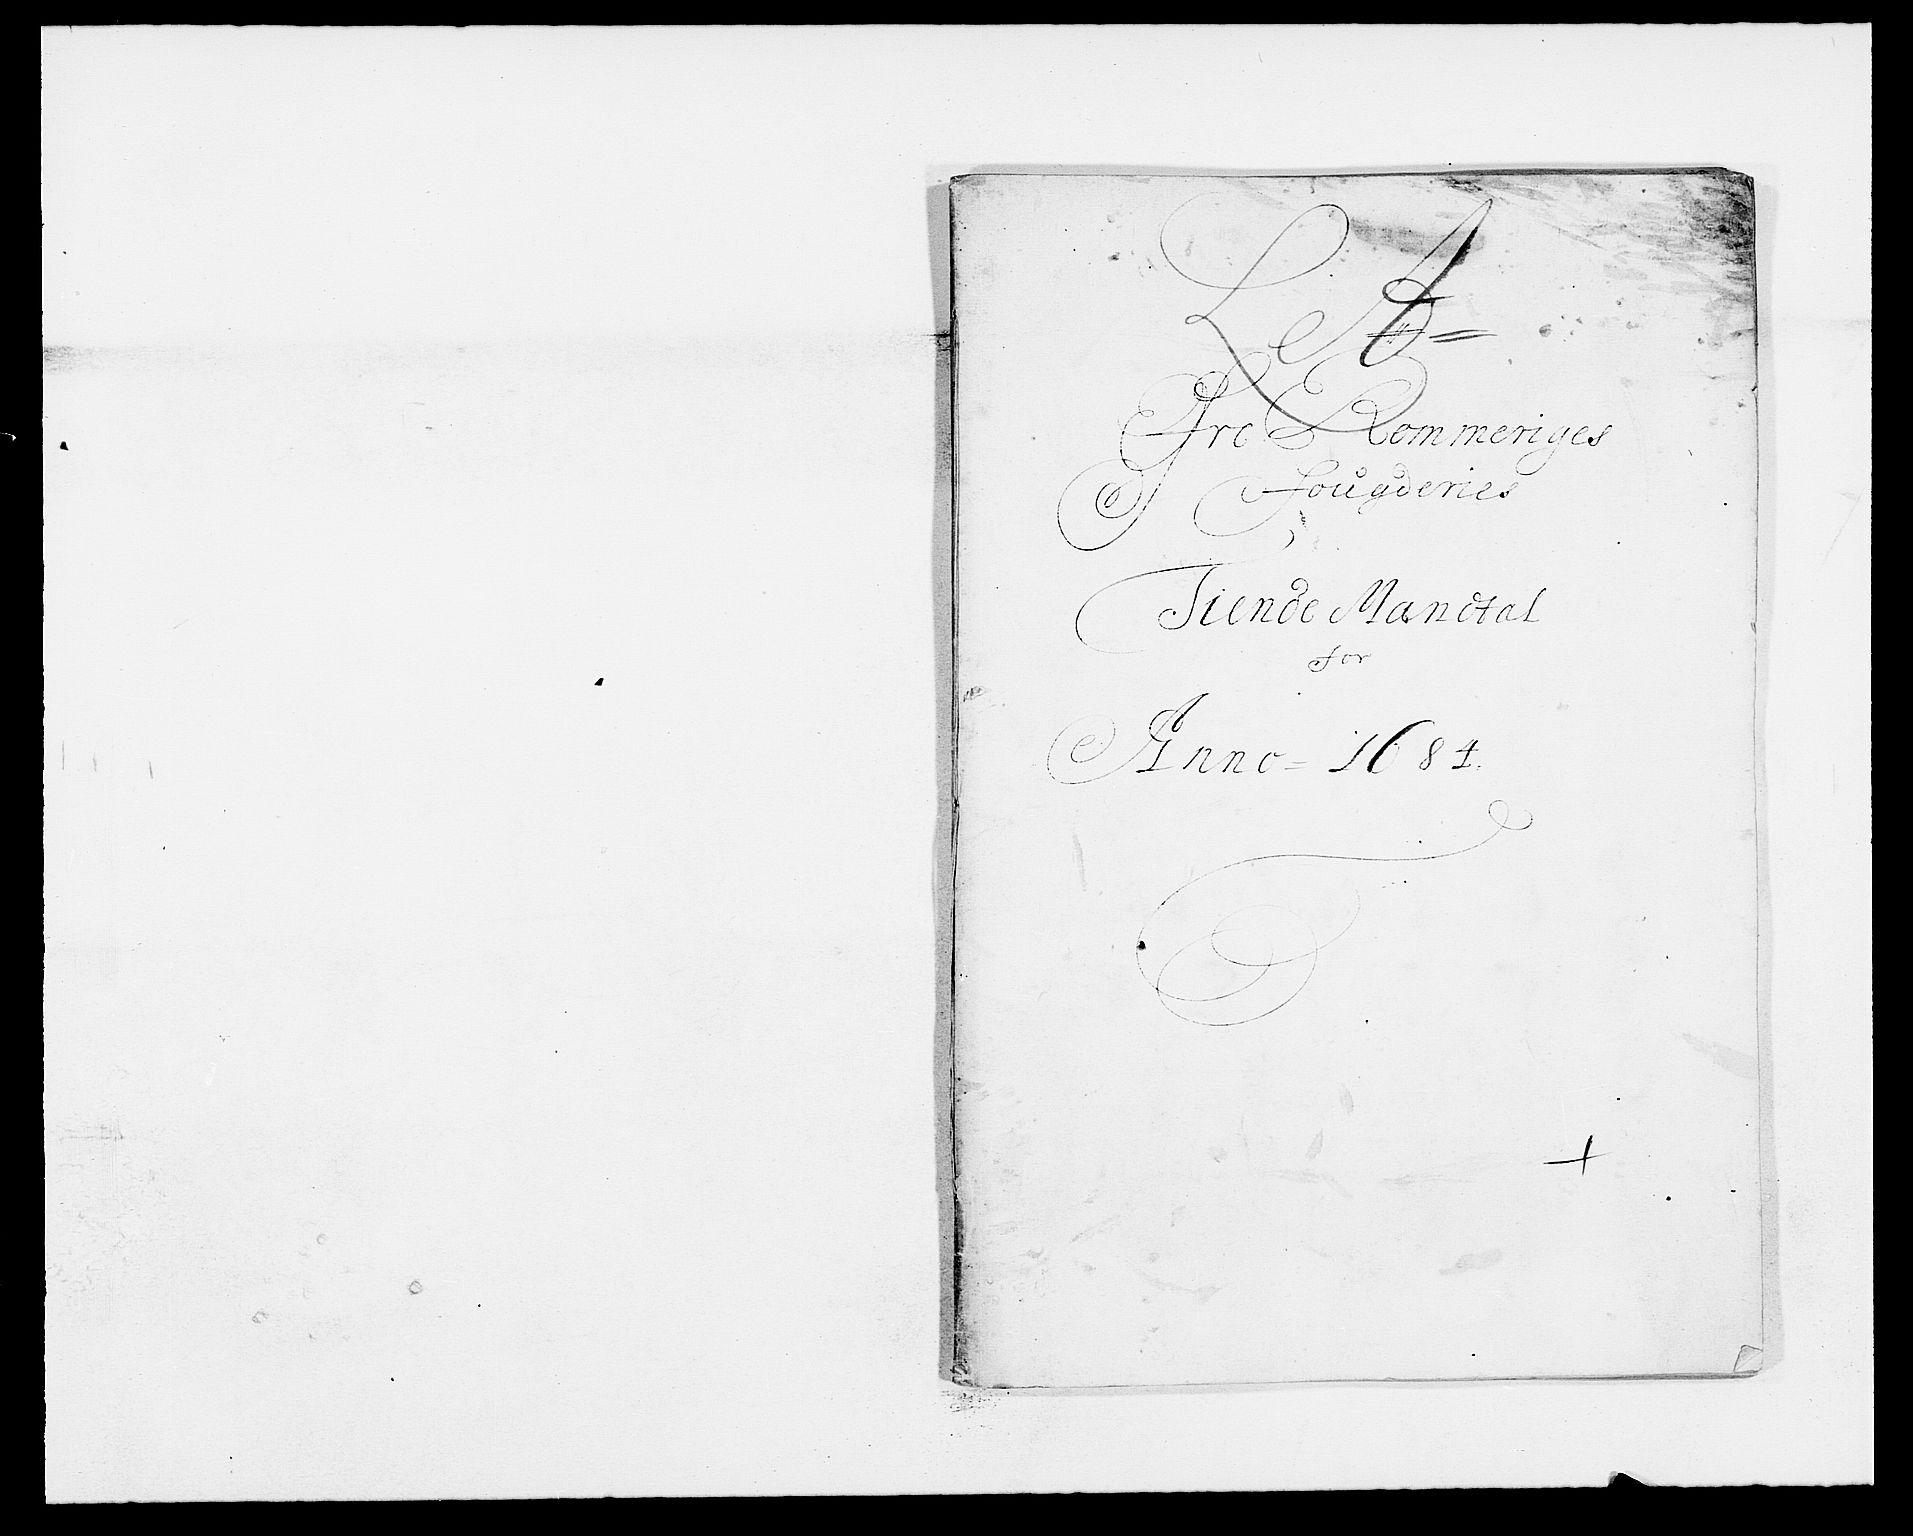 RA, Rentekammeret inntil 1814, Reviderte regnskaper, Fogderegnskap, R12/L0698: Fogderegnskap Øvre Romerike, 1684, s. 8